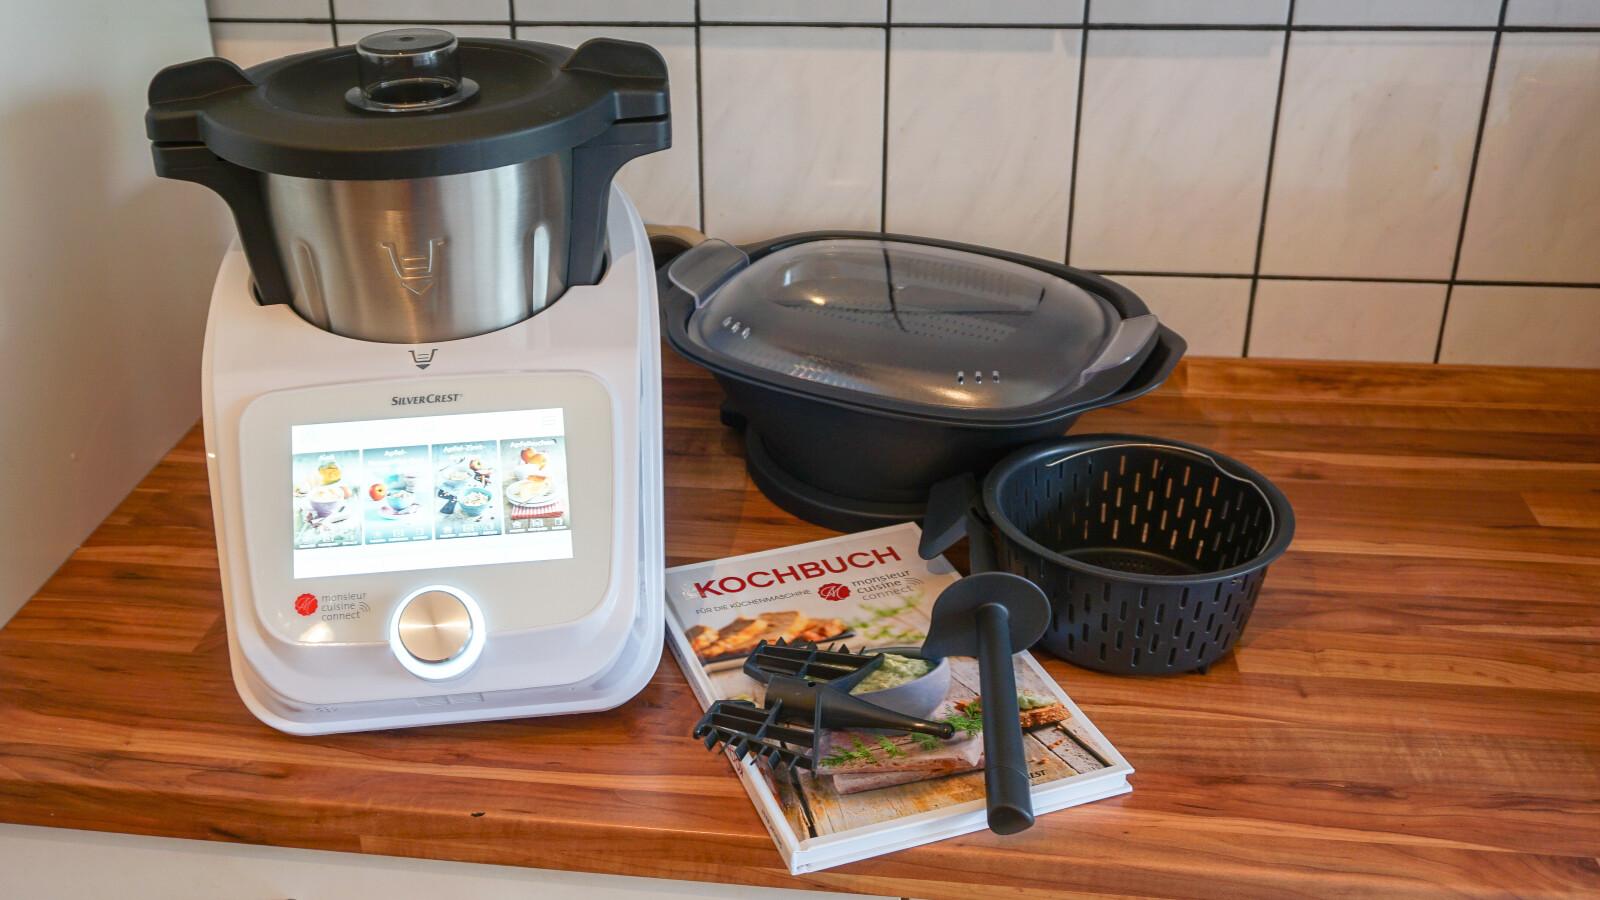 Monsieur Cuisine Connect Under Test Cheap Lidl Food Processor